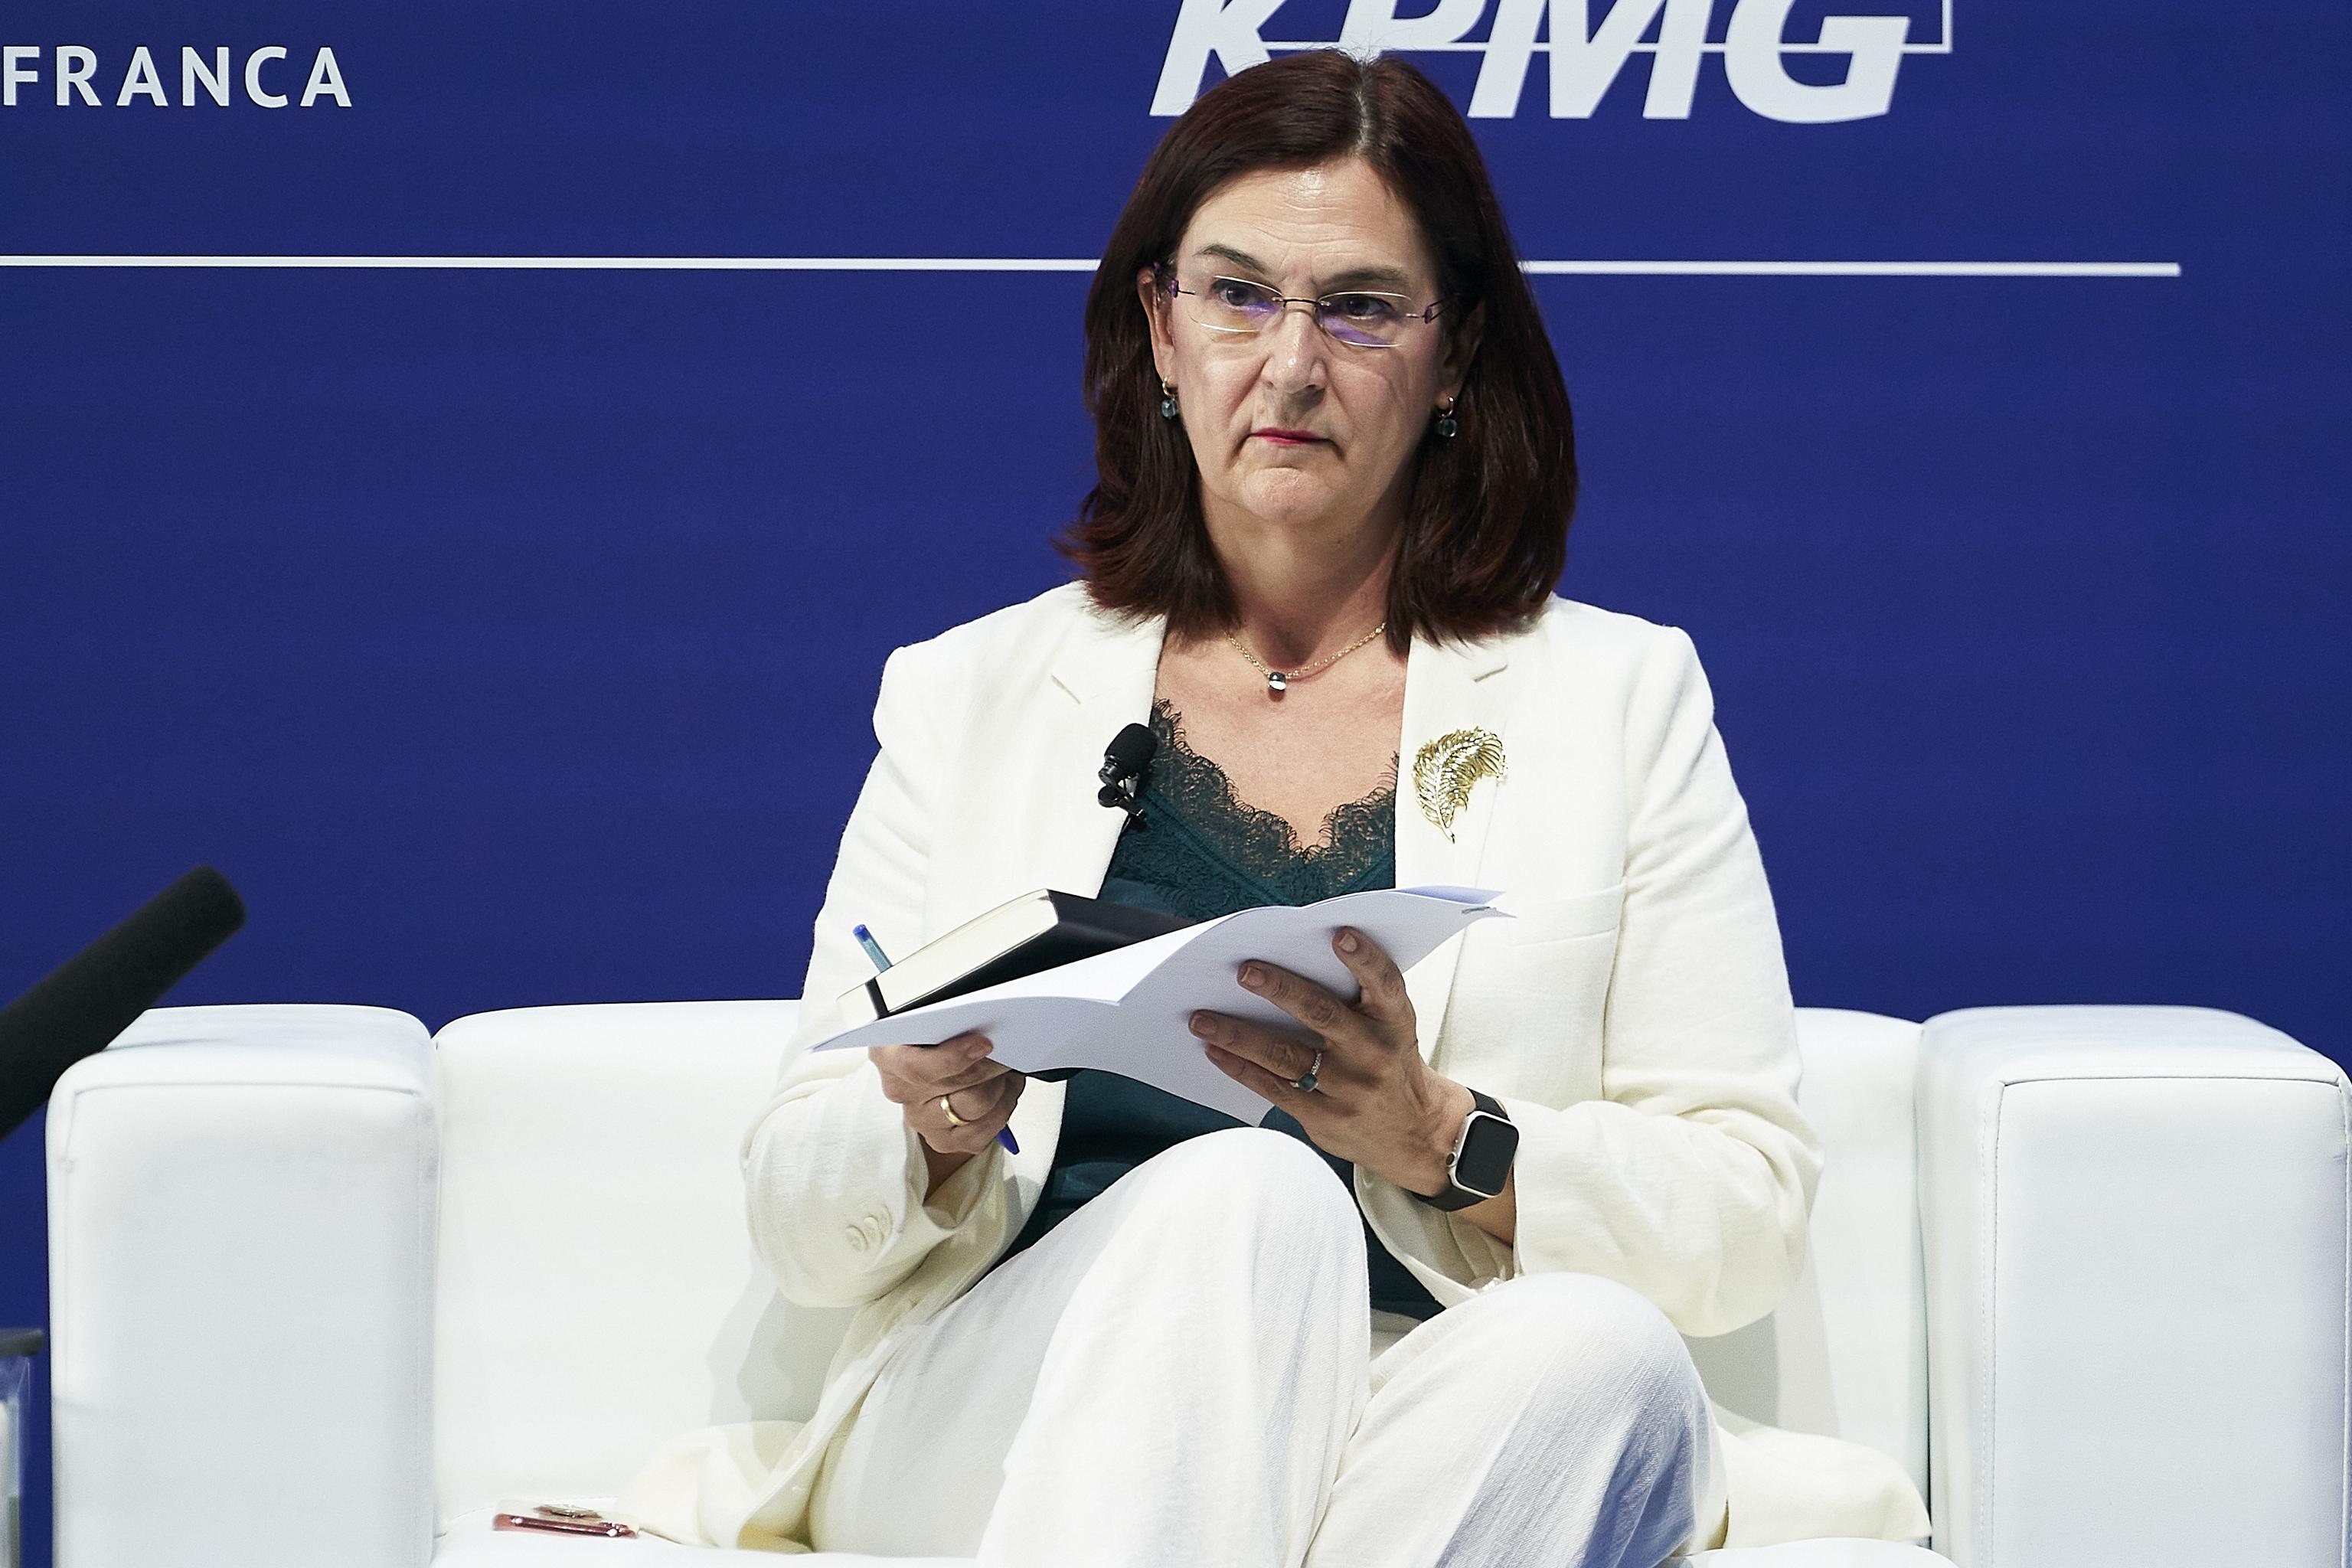 La presidenta de la CNMC, Cani Fernández, el pasado jueves en la reunión anual del Círculo de Economía en Barcelona